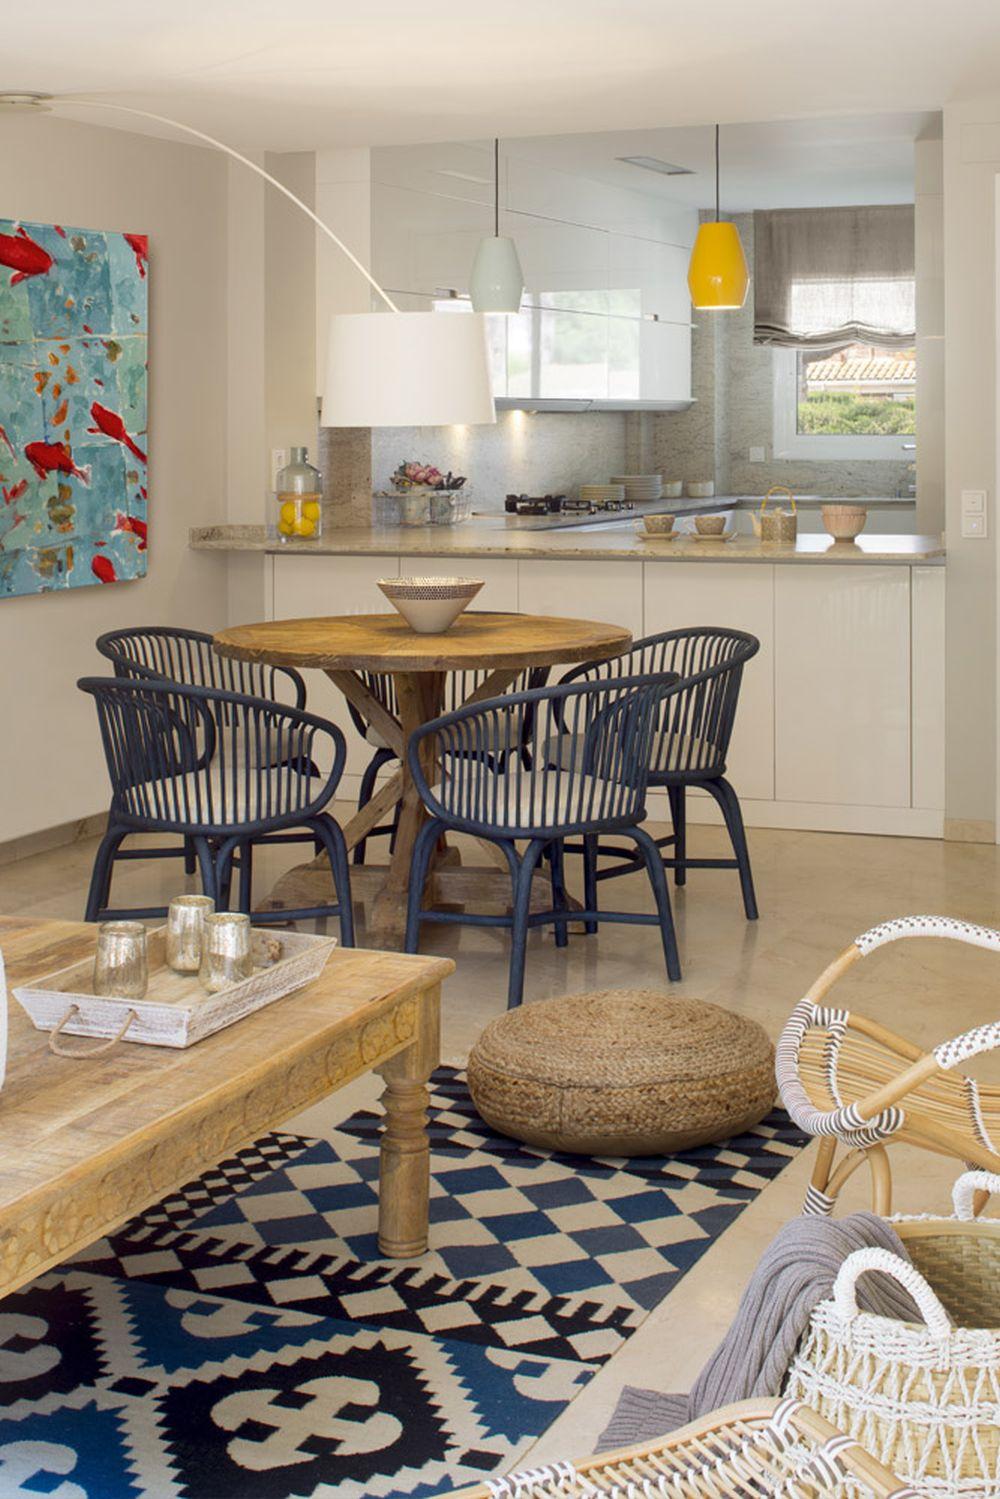 adelaparvu-com-despre-casa-in-stil-mediteranean-barcelona-designer-meritxell-ribe-4